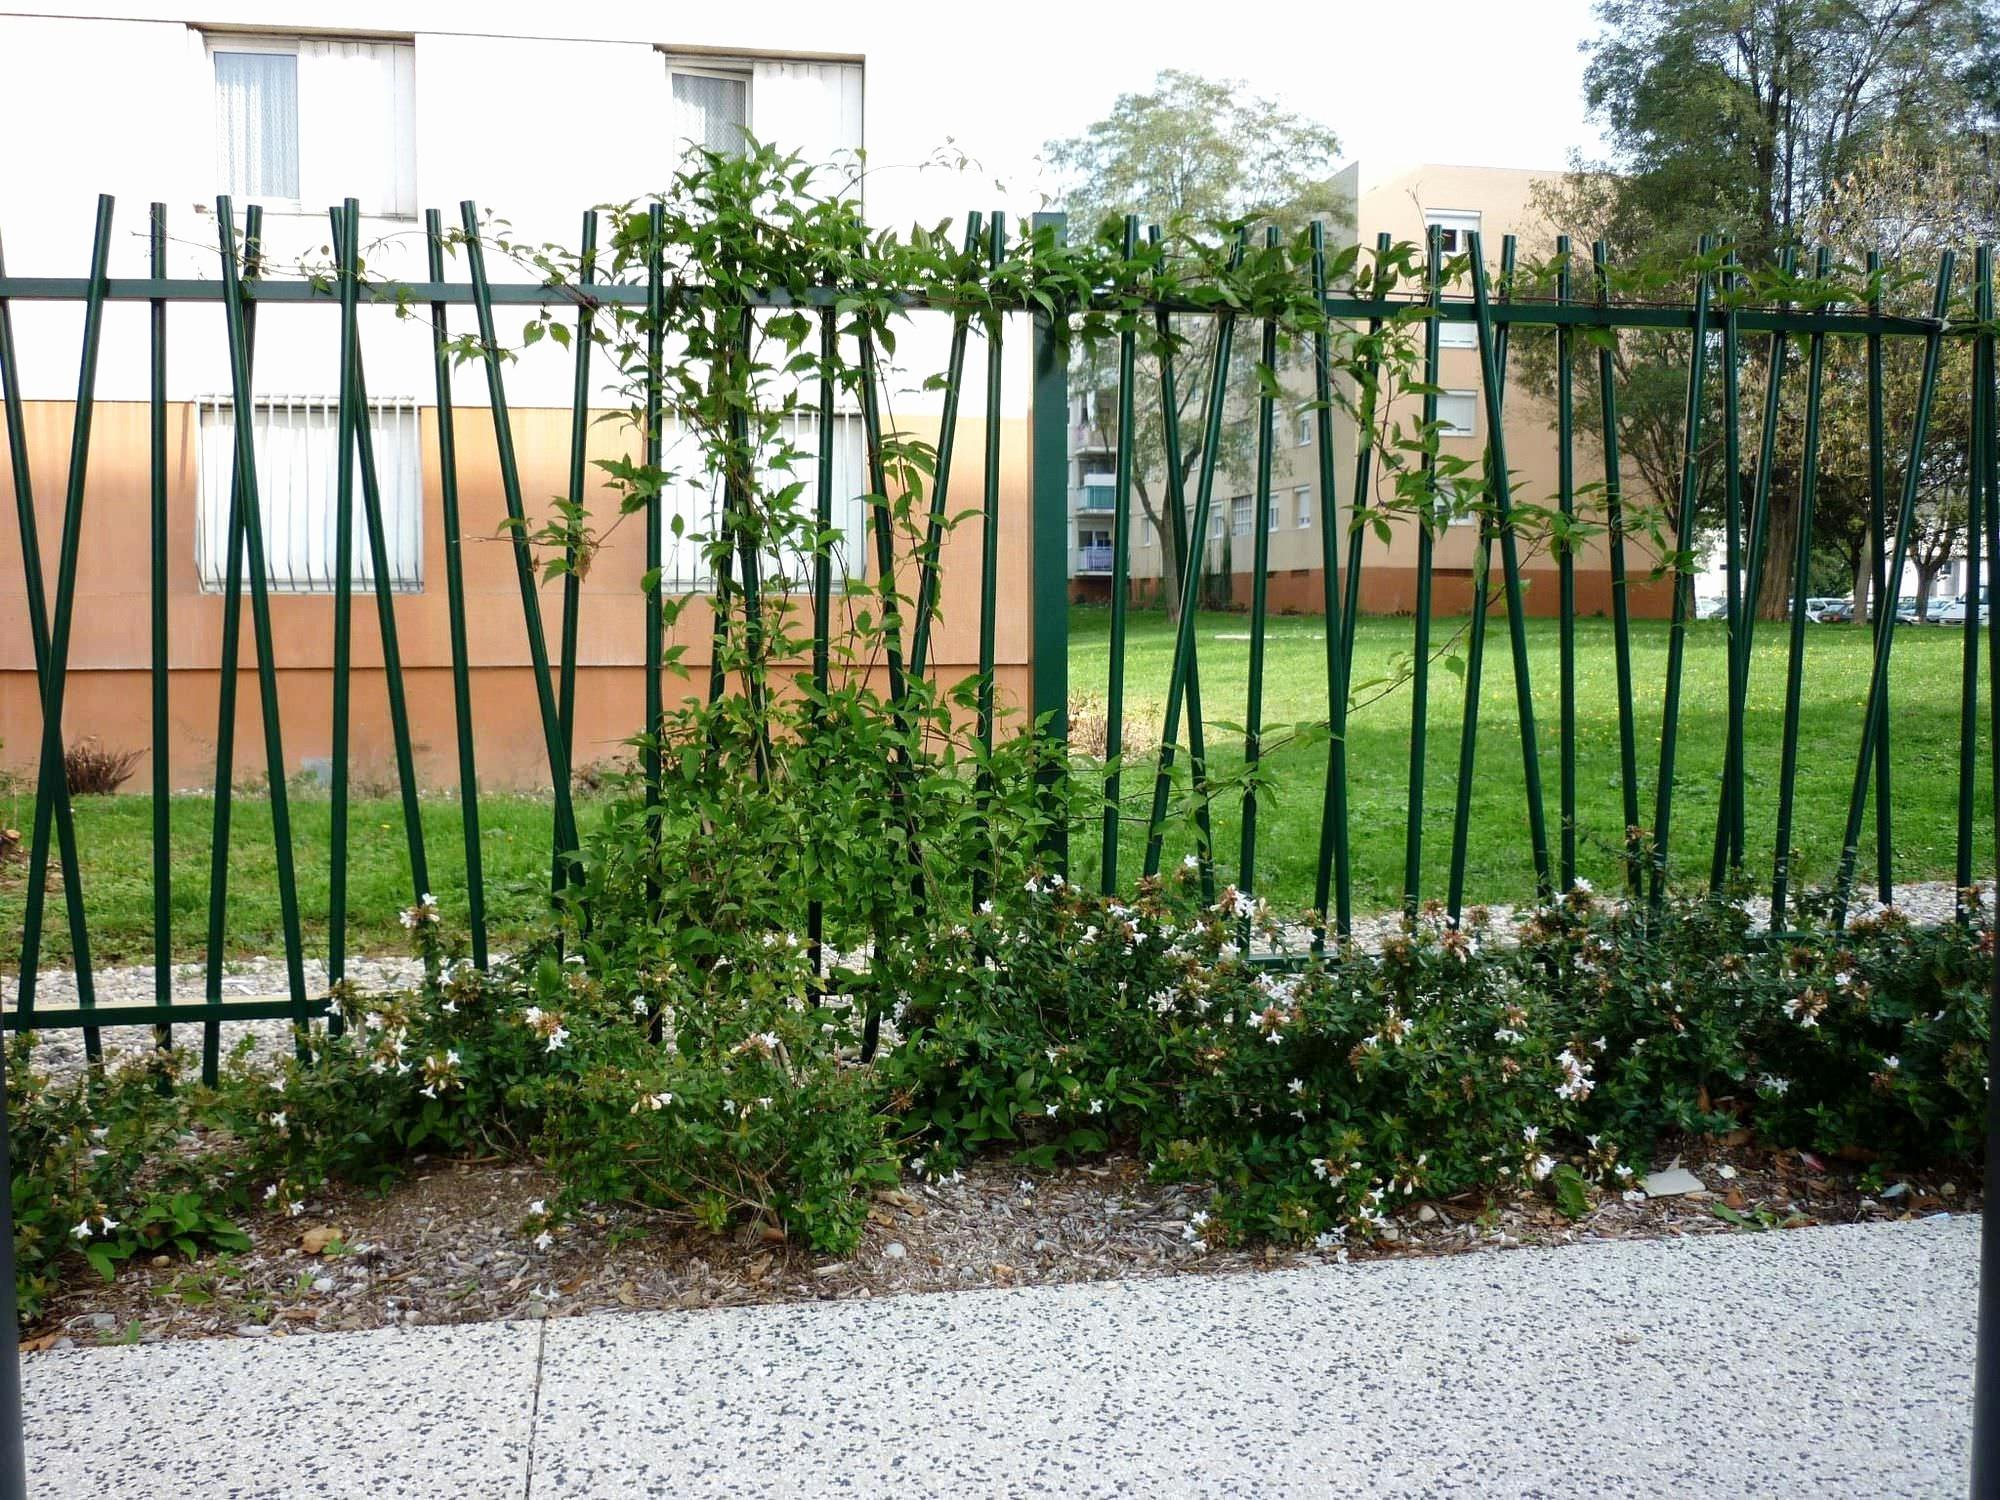 Abris De Jardin Bois Castorama Luxe Collection Abri De Jardin Bois Castorama De Fantaisie Cabane De Jardin Des